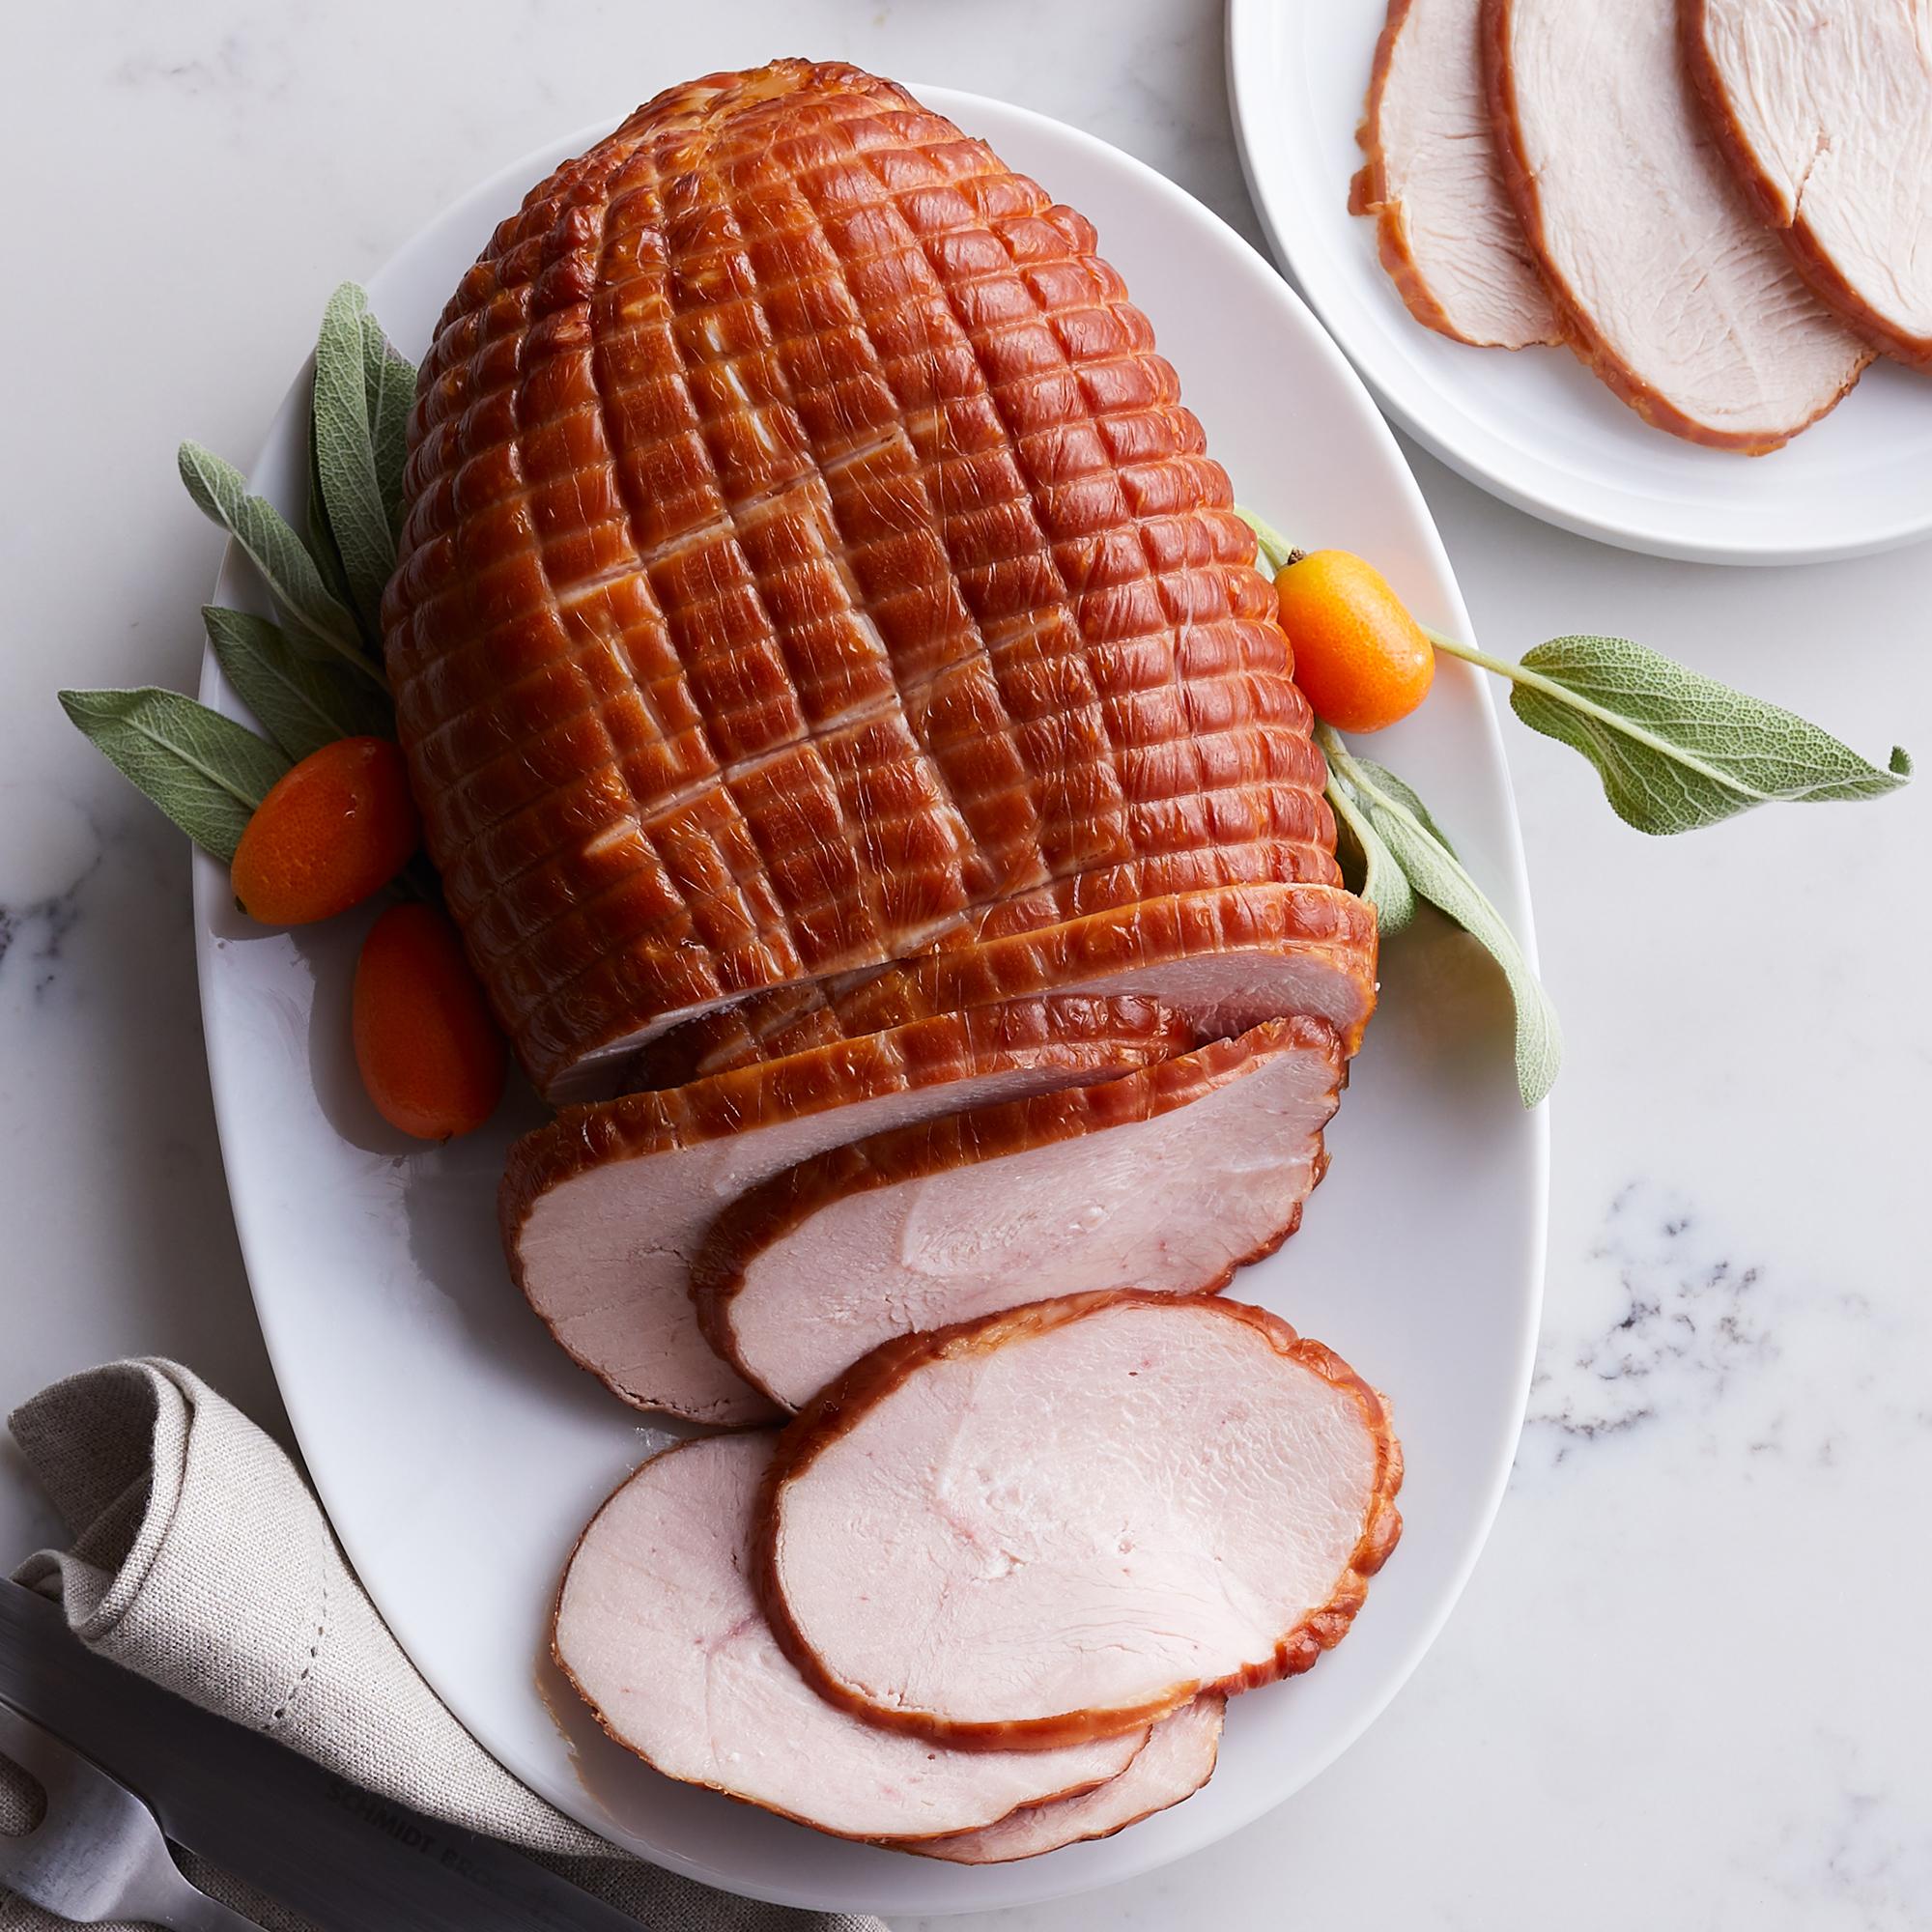 Premium Smoked Turkey Breast